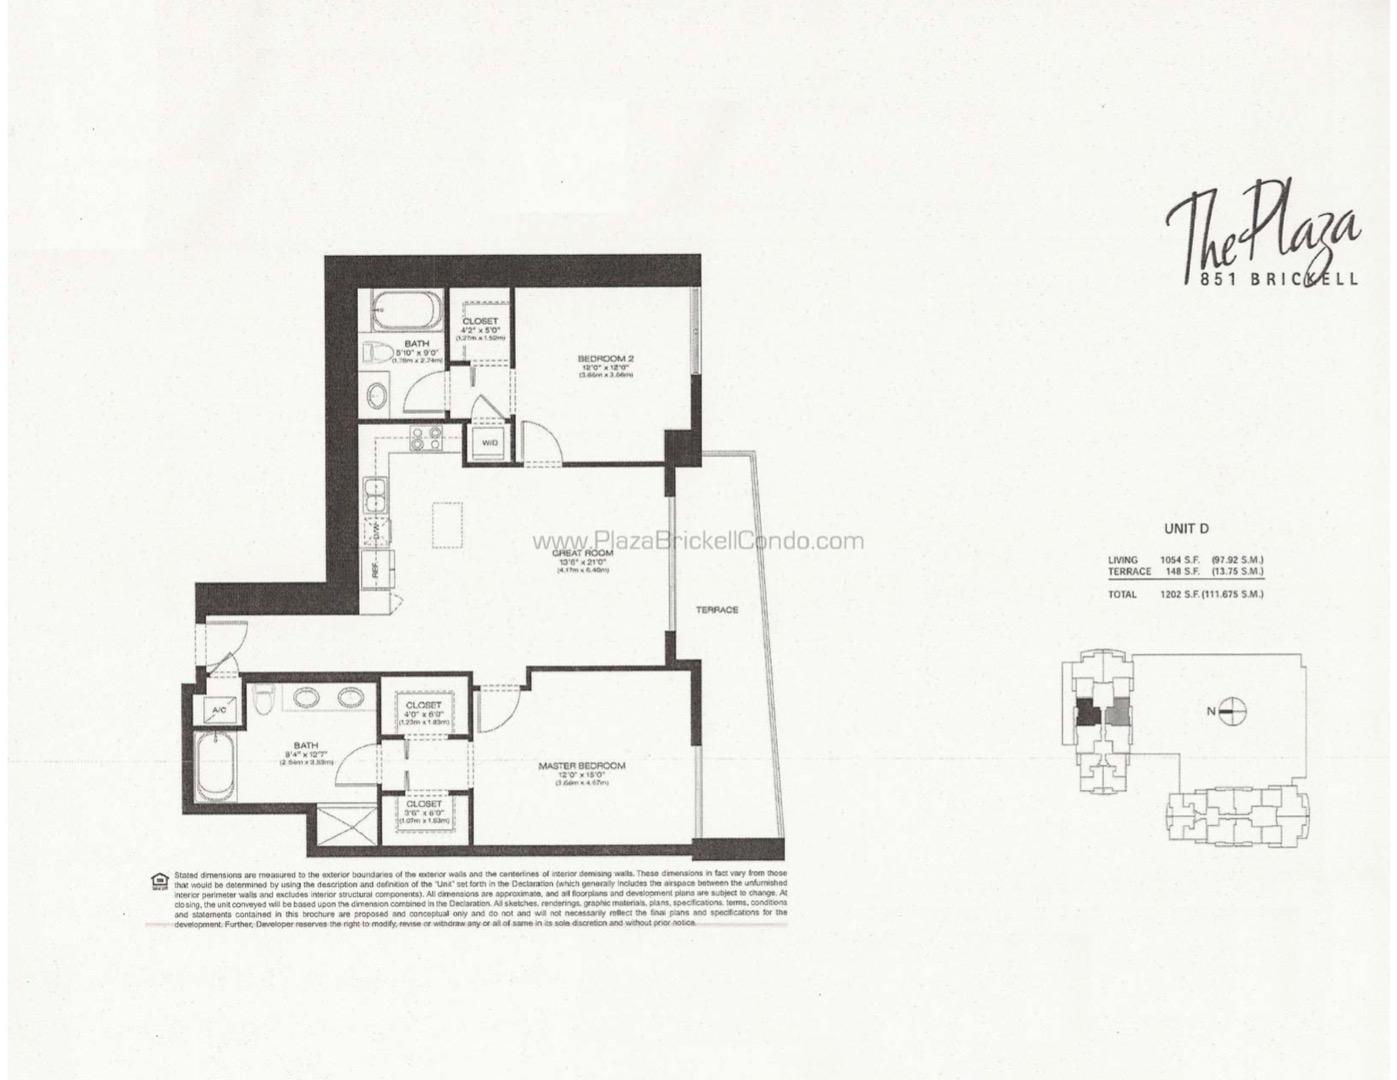 Floor plan image D - 2,2  - 1054 sqft image